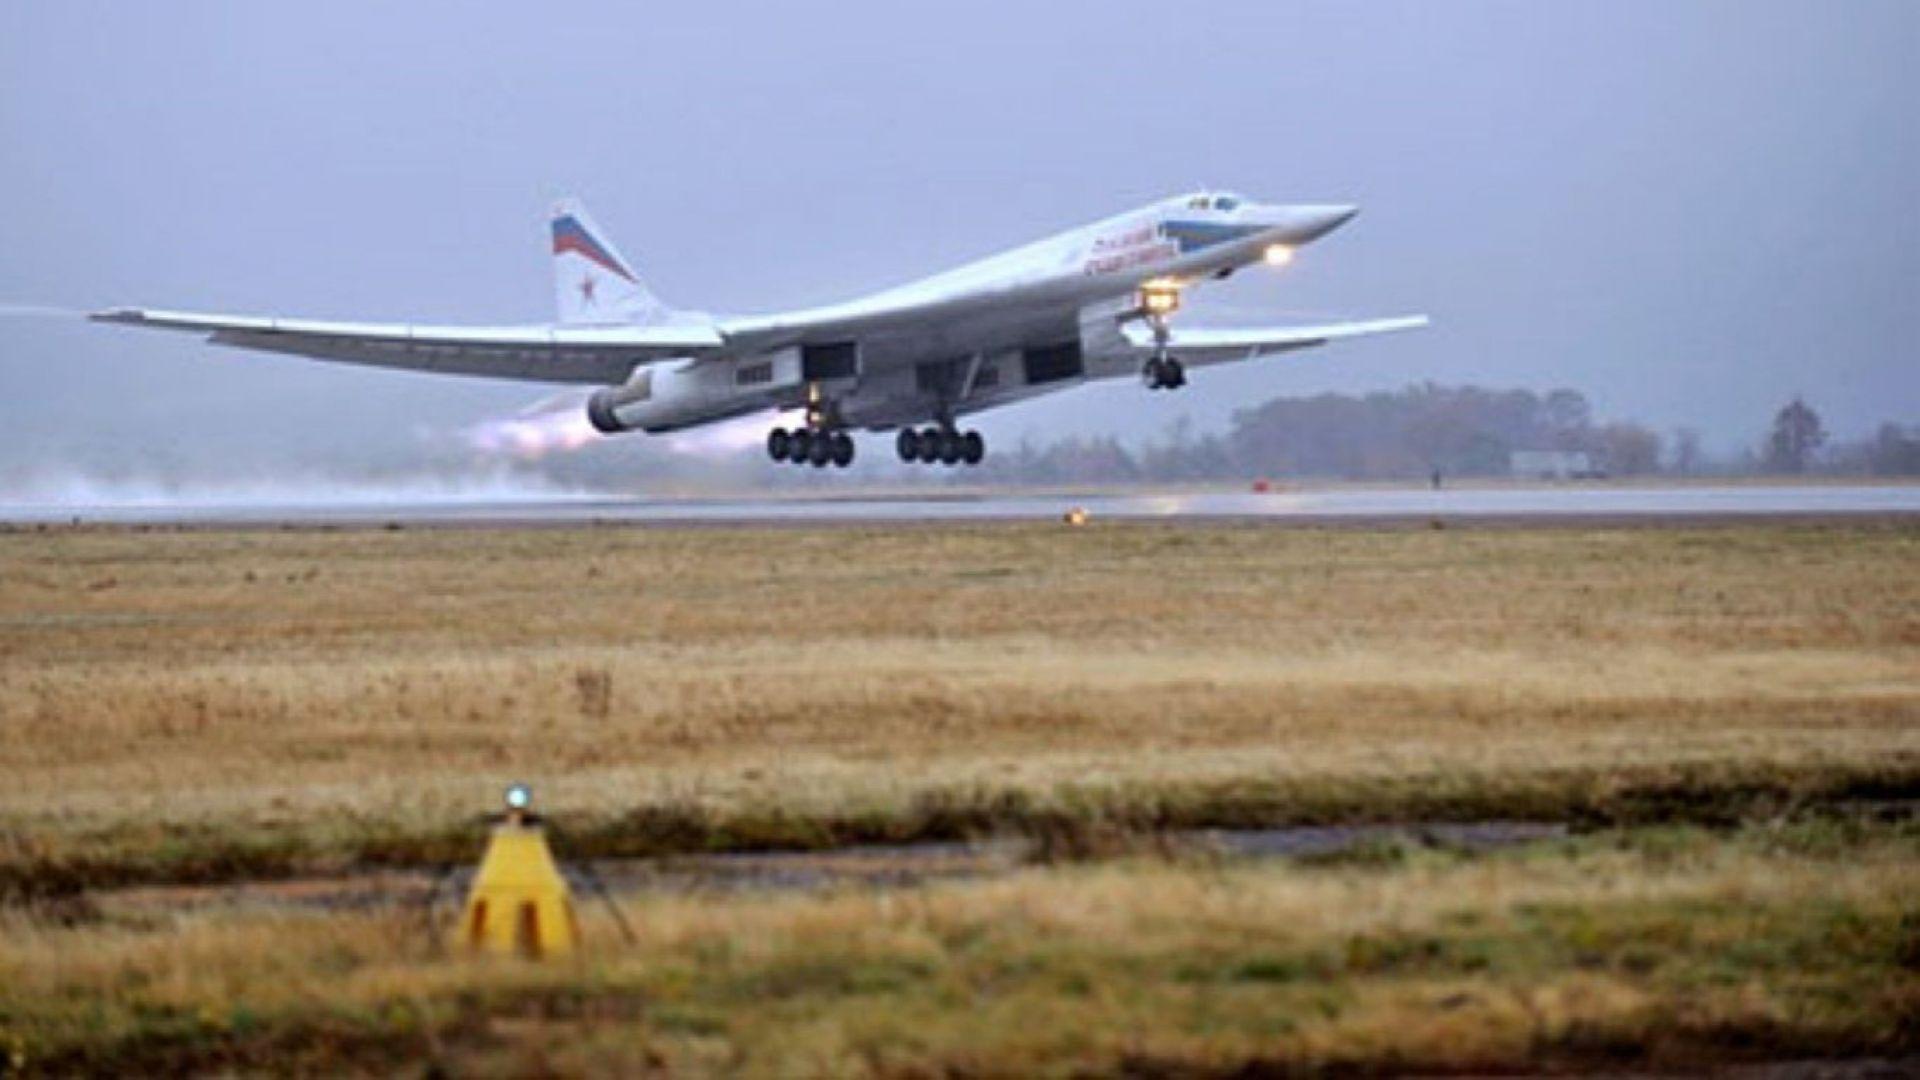 Русия започва изпитания на първия модернизиран стратегически бомбардировач Ту-160М